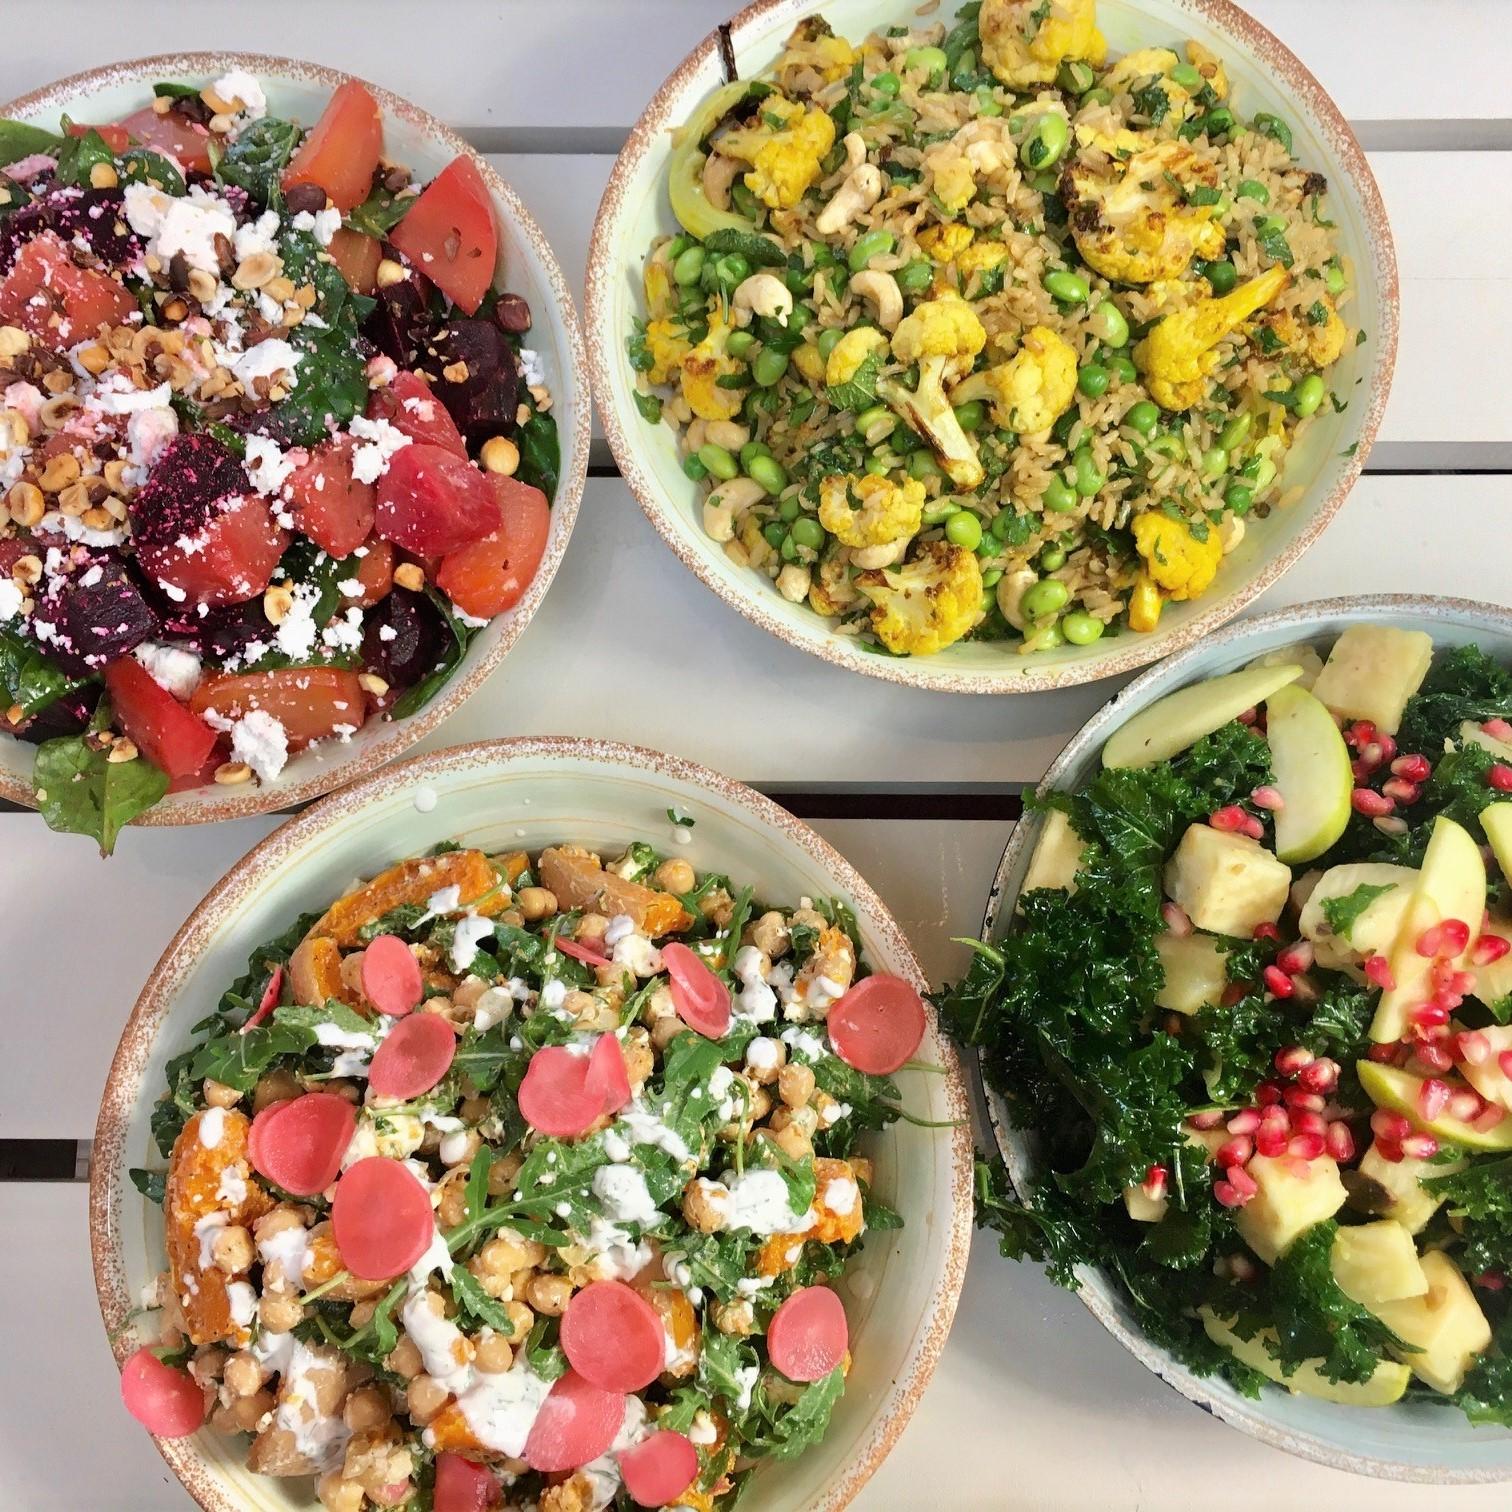 Nourishing winter salads